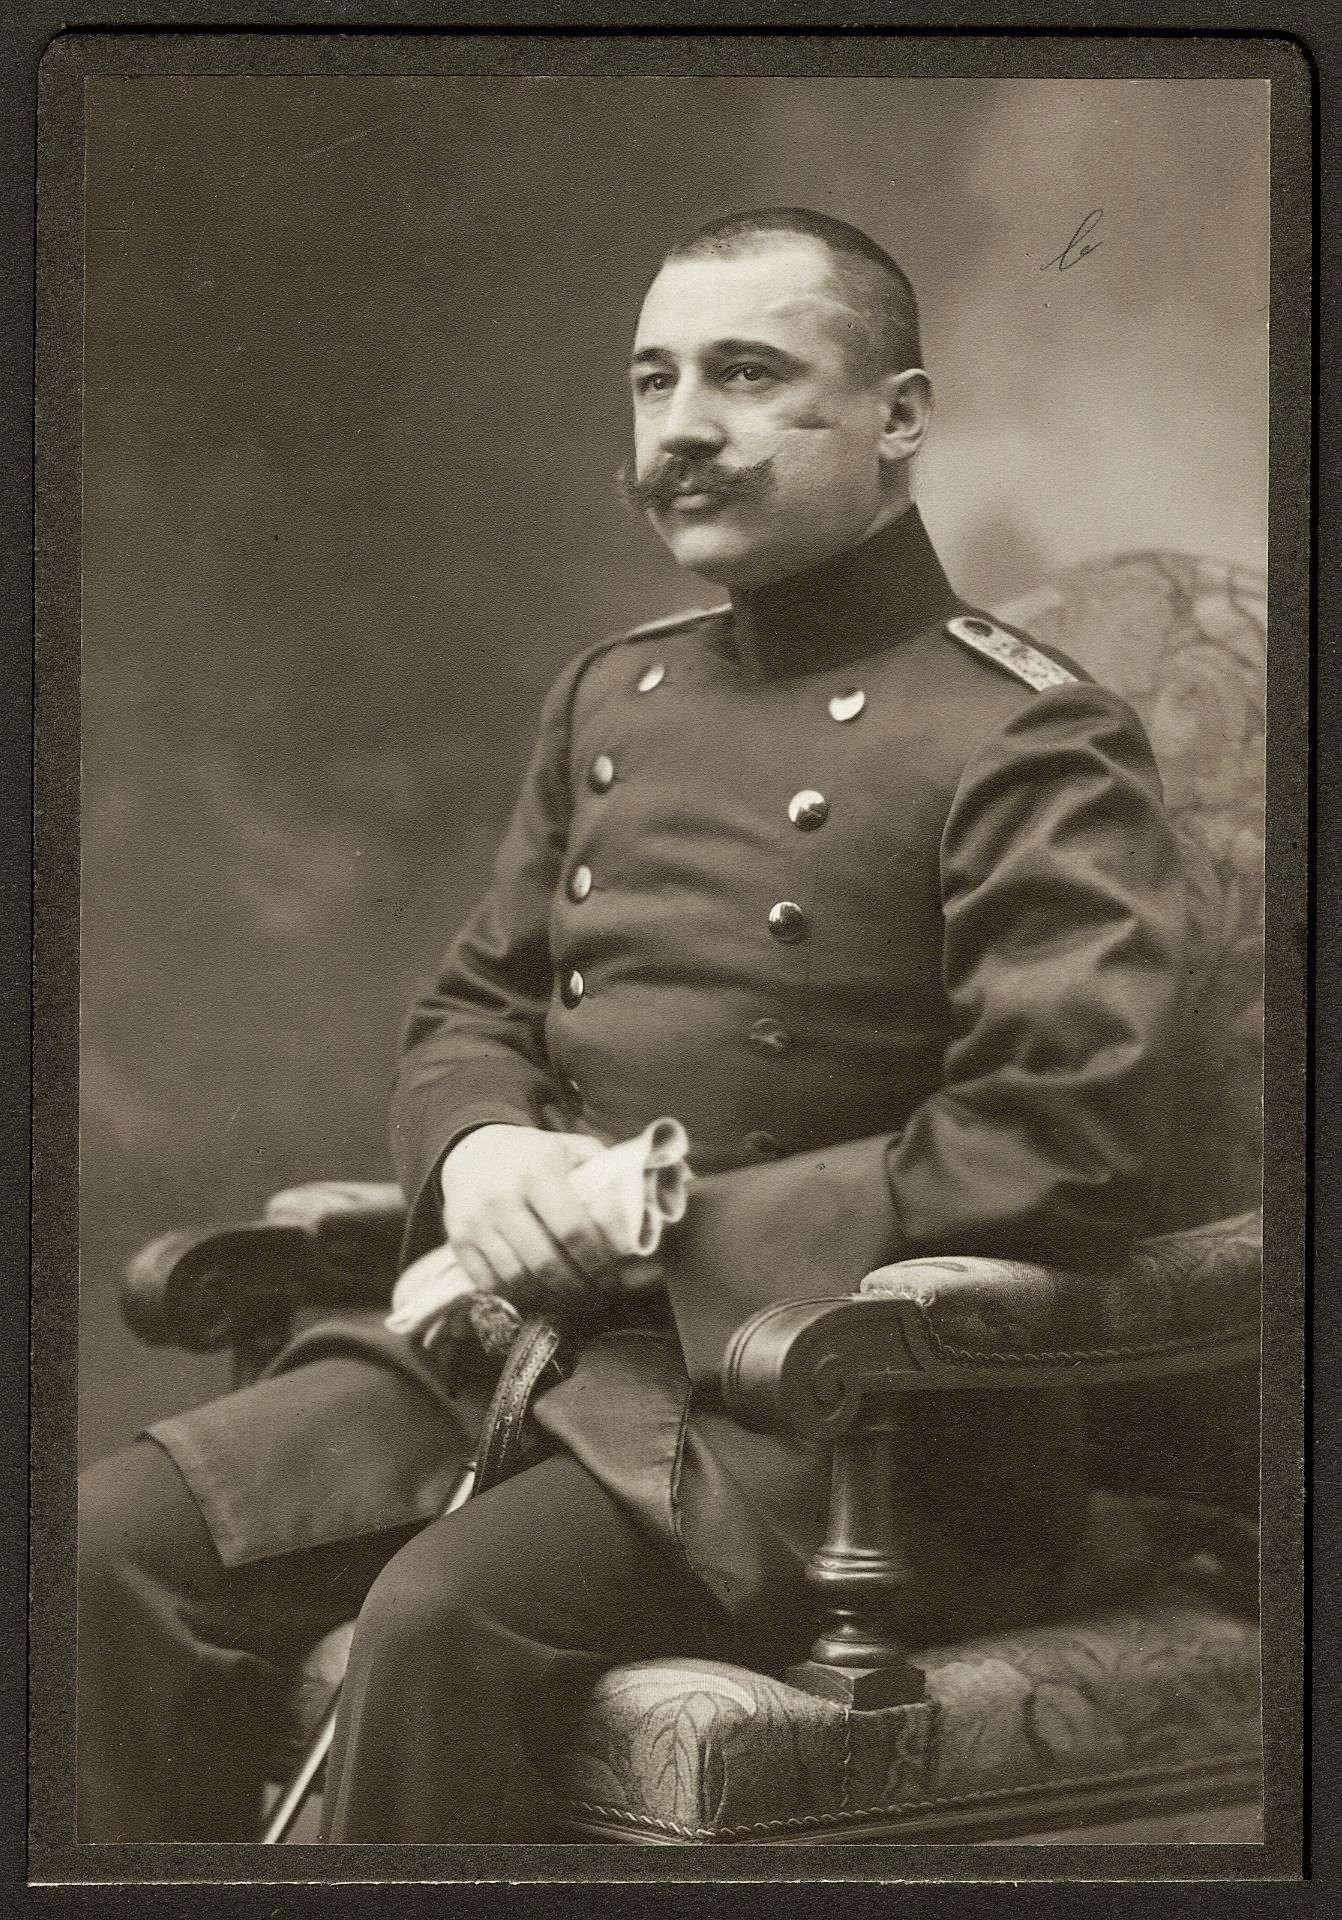 Klaiber, Rudolf, Bild 1